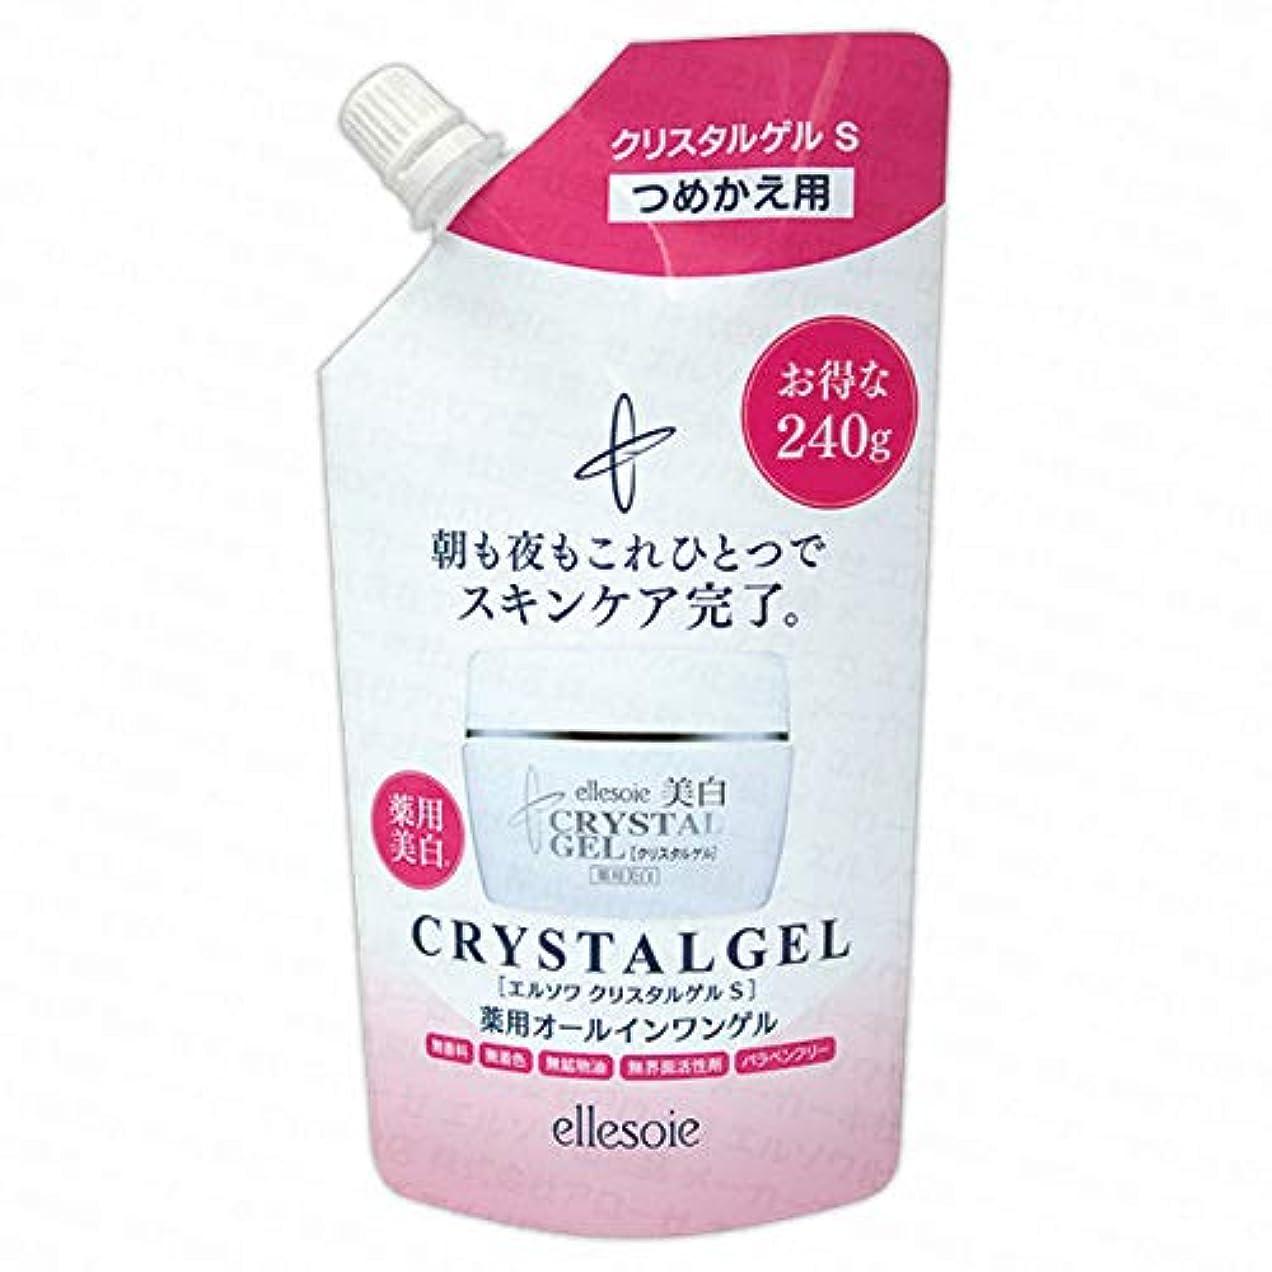 任命広げる視力エルソワ化粧品(ellesoie) クリスタルゲルS 薬用美白オールインワン (詰替用240g)